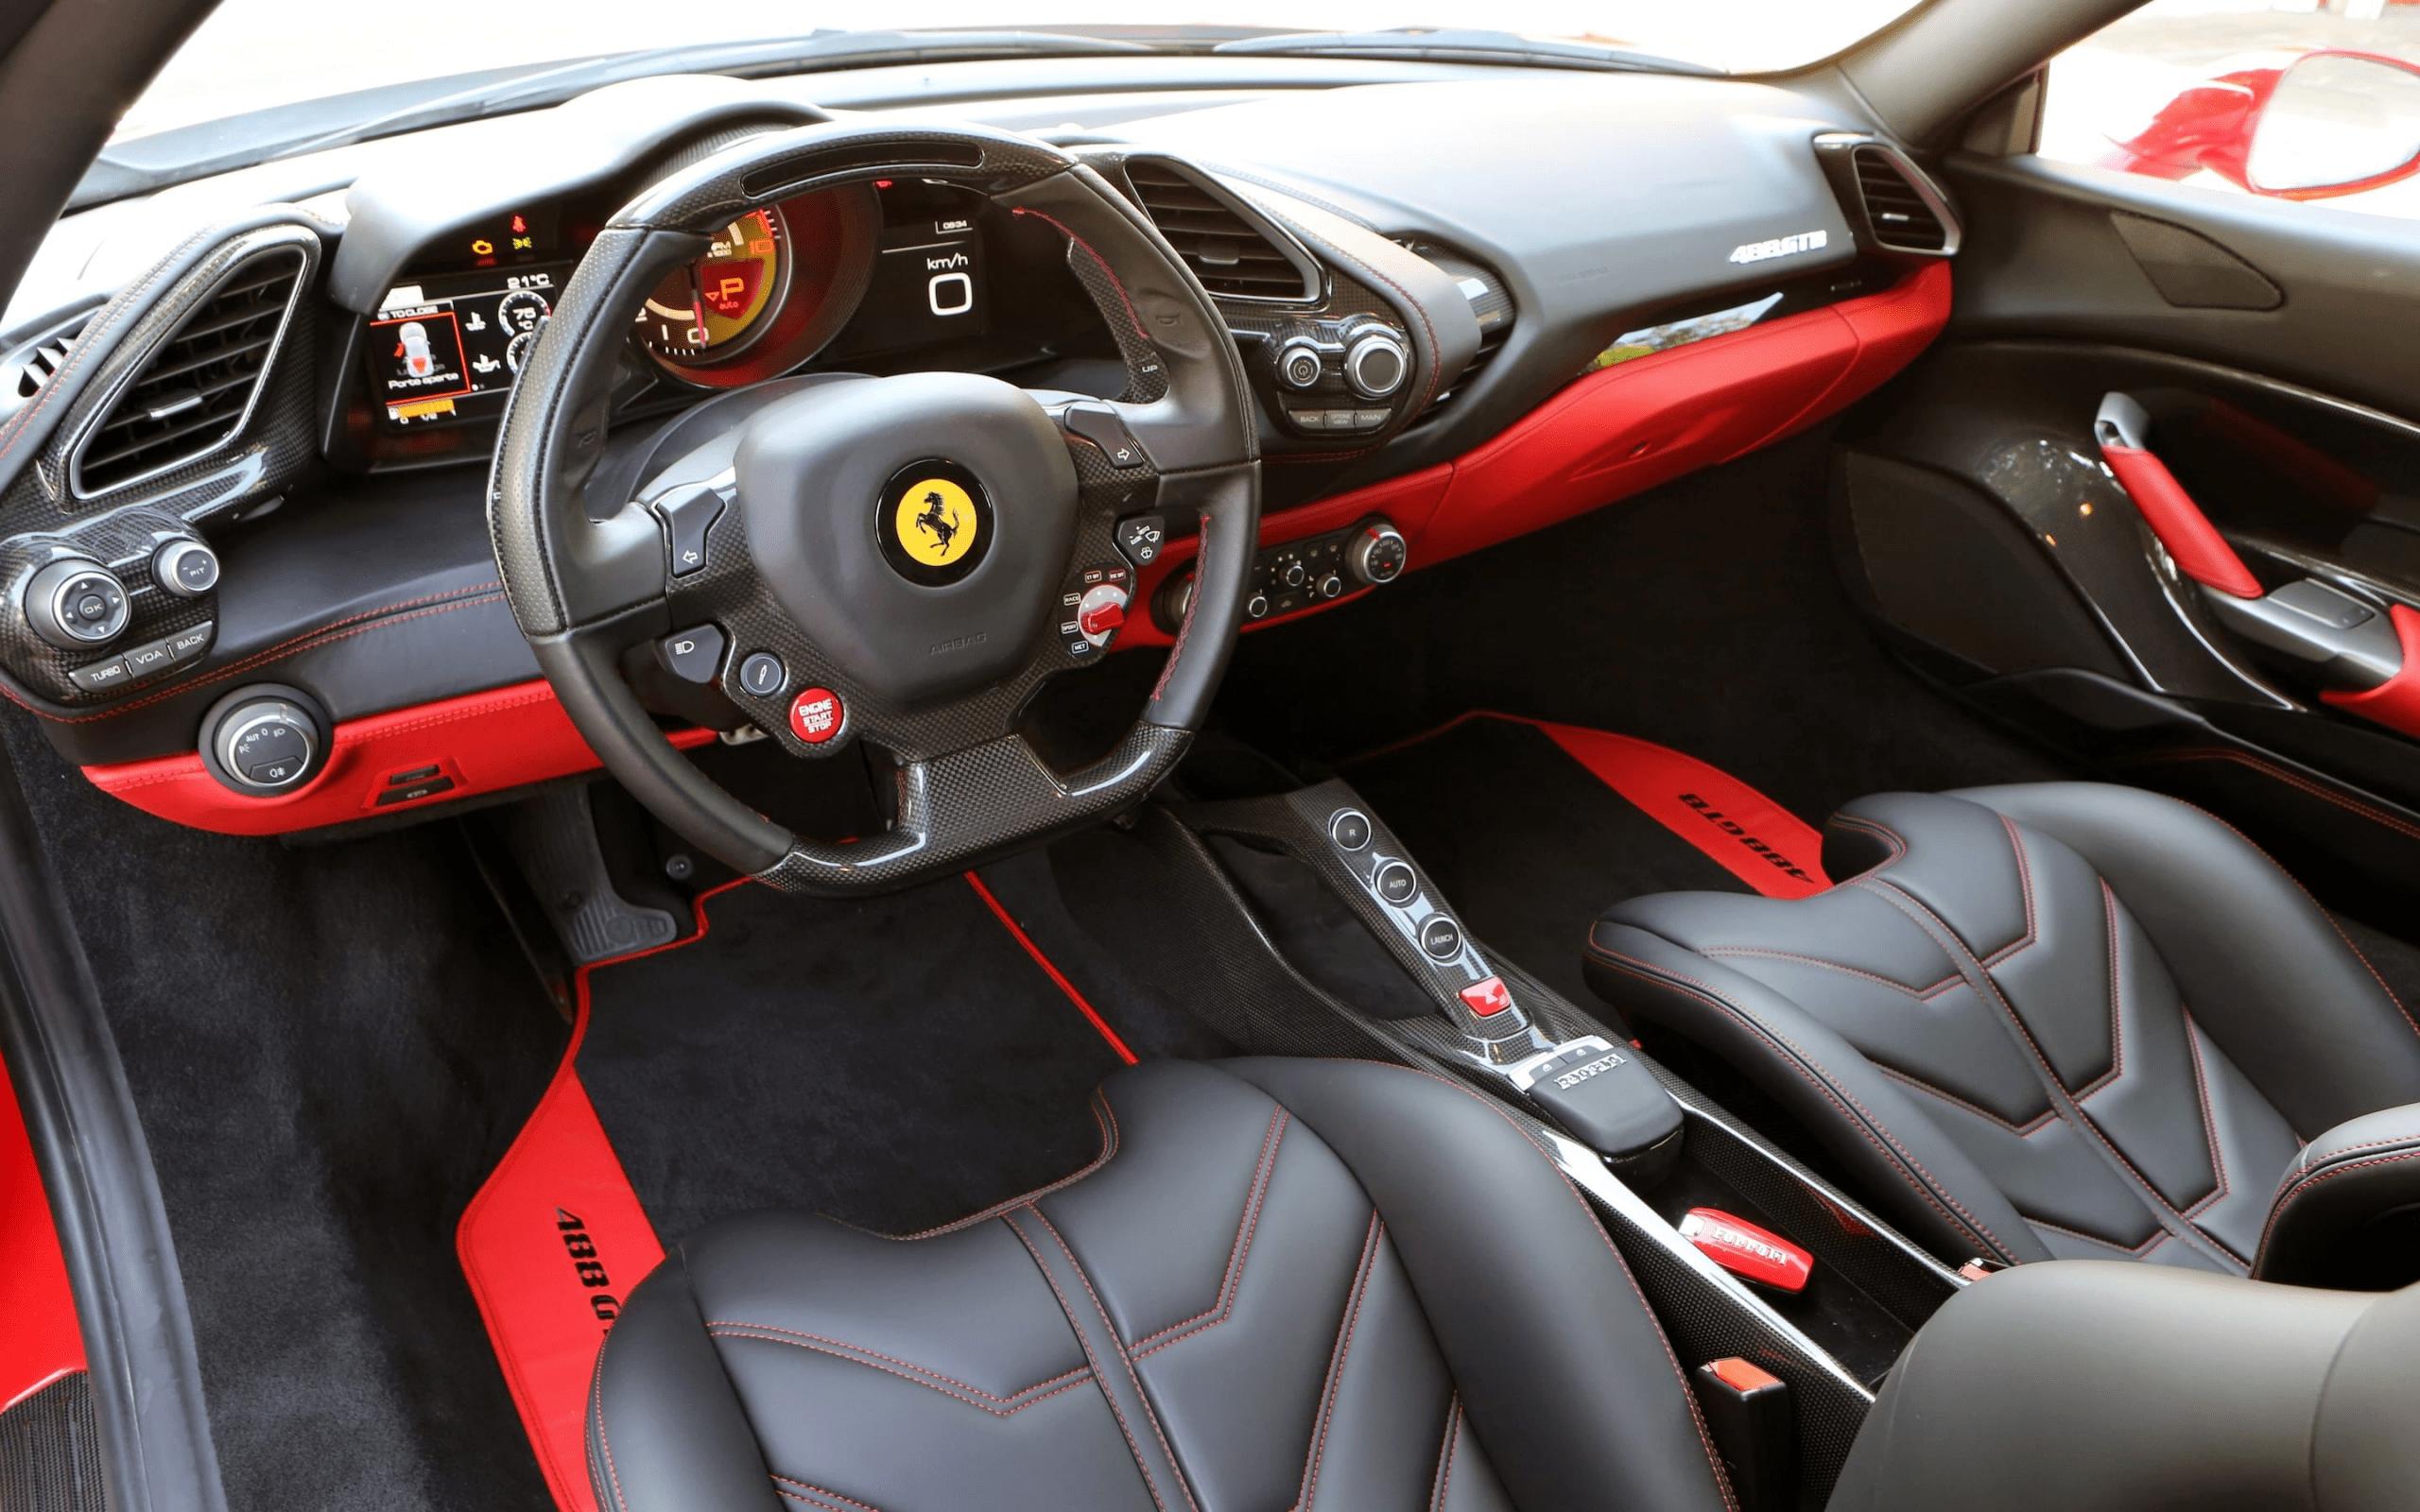 2021 Ferrari 488 Gtb Interior In 2020 Ferrari 488 488 Gtb Ferrari